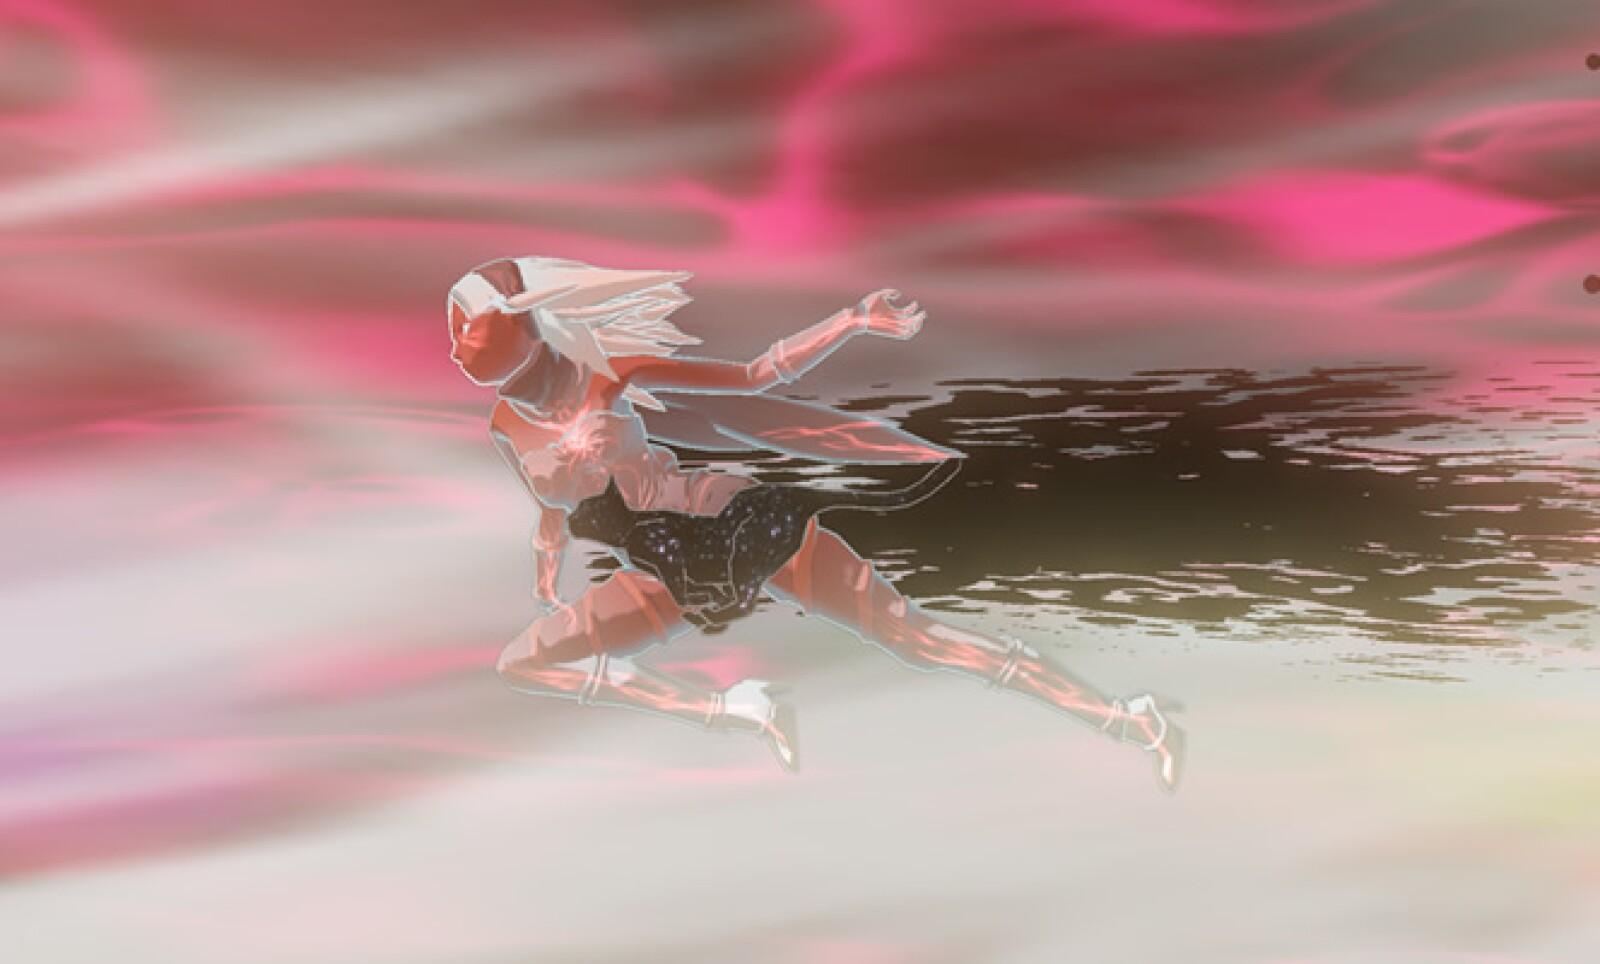 Al manipular la gravedad también podrá realizar ataques en el aire.